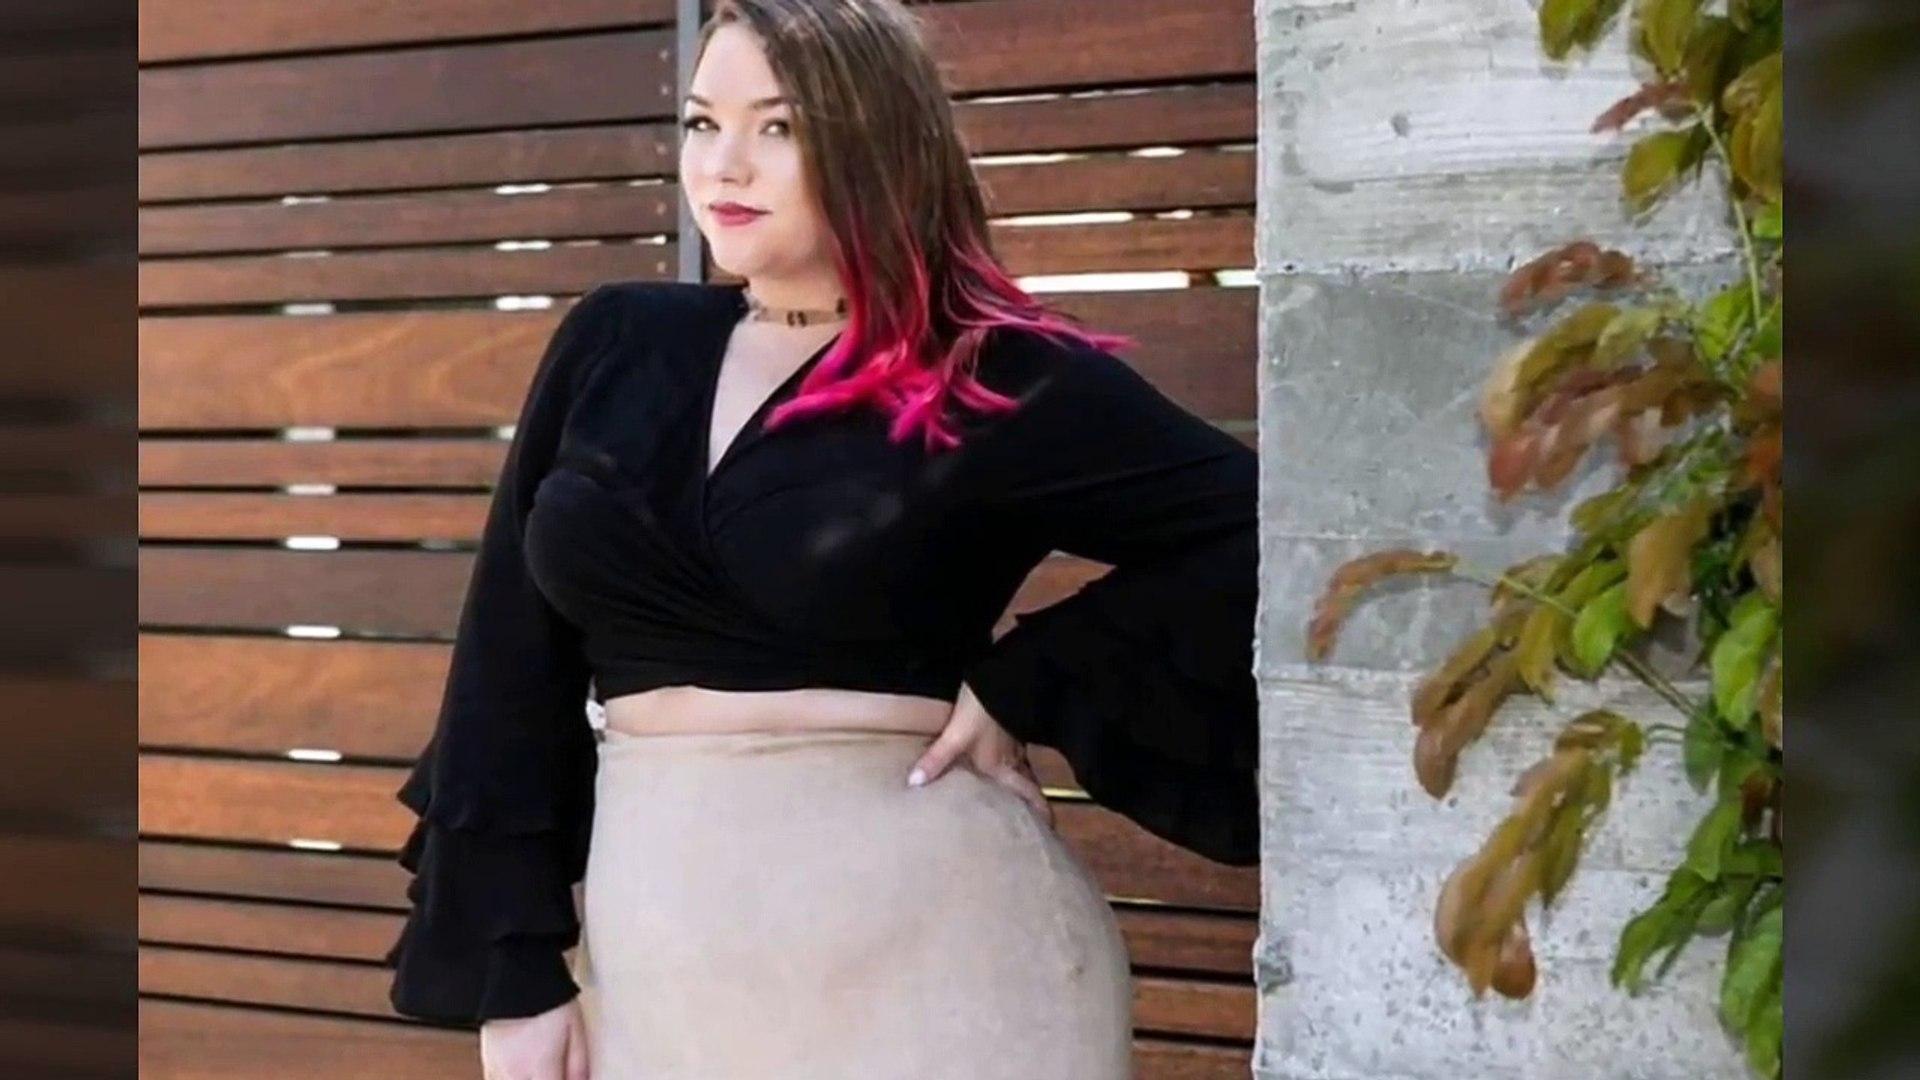 Amazing fashion style with beautiful fashion model stephanie - stylish fashion #30